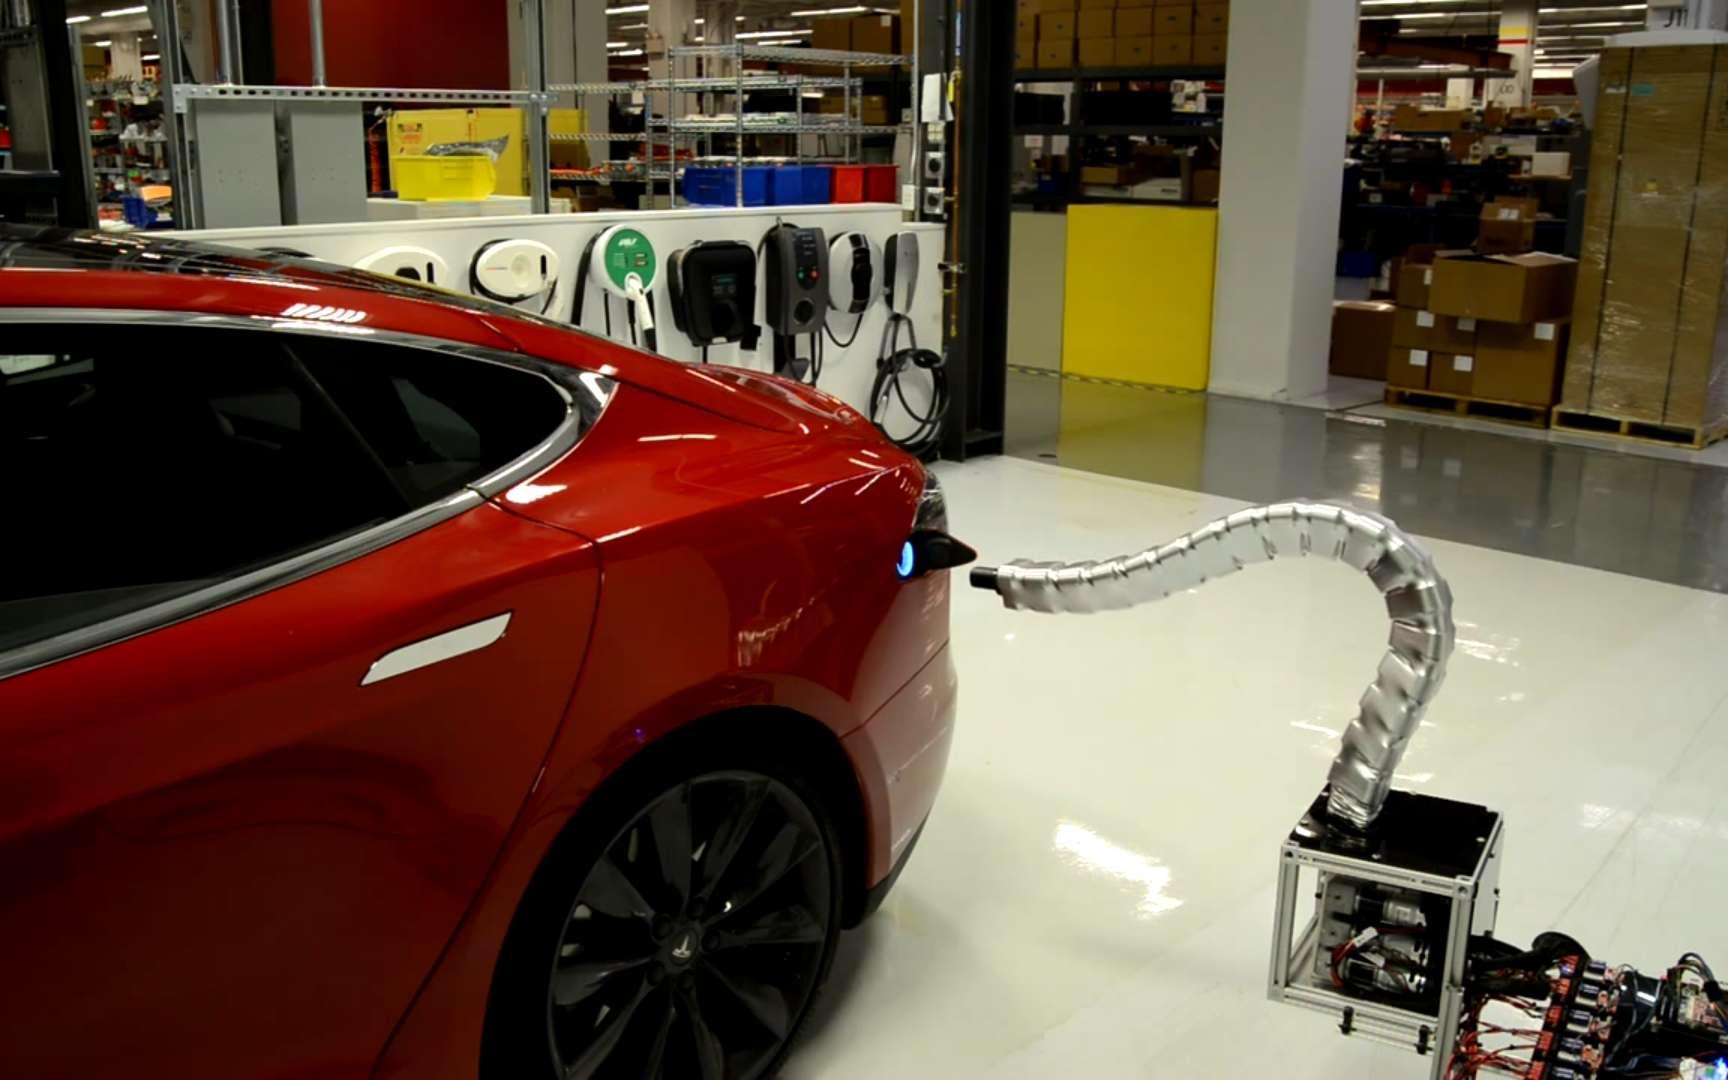 Tesla Motors a montré dans une vidéo un système robotisé de recharge adapté à ses propres voitures électriques. © Tesla Motors